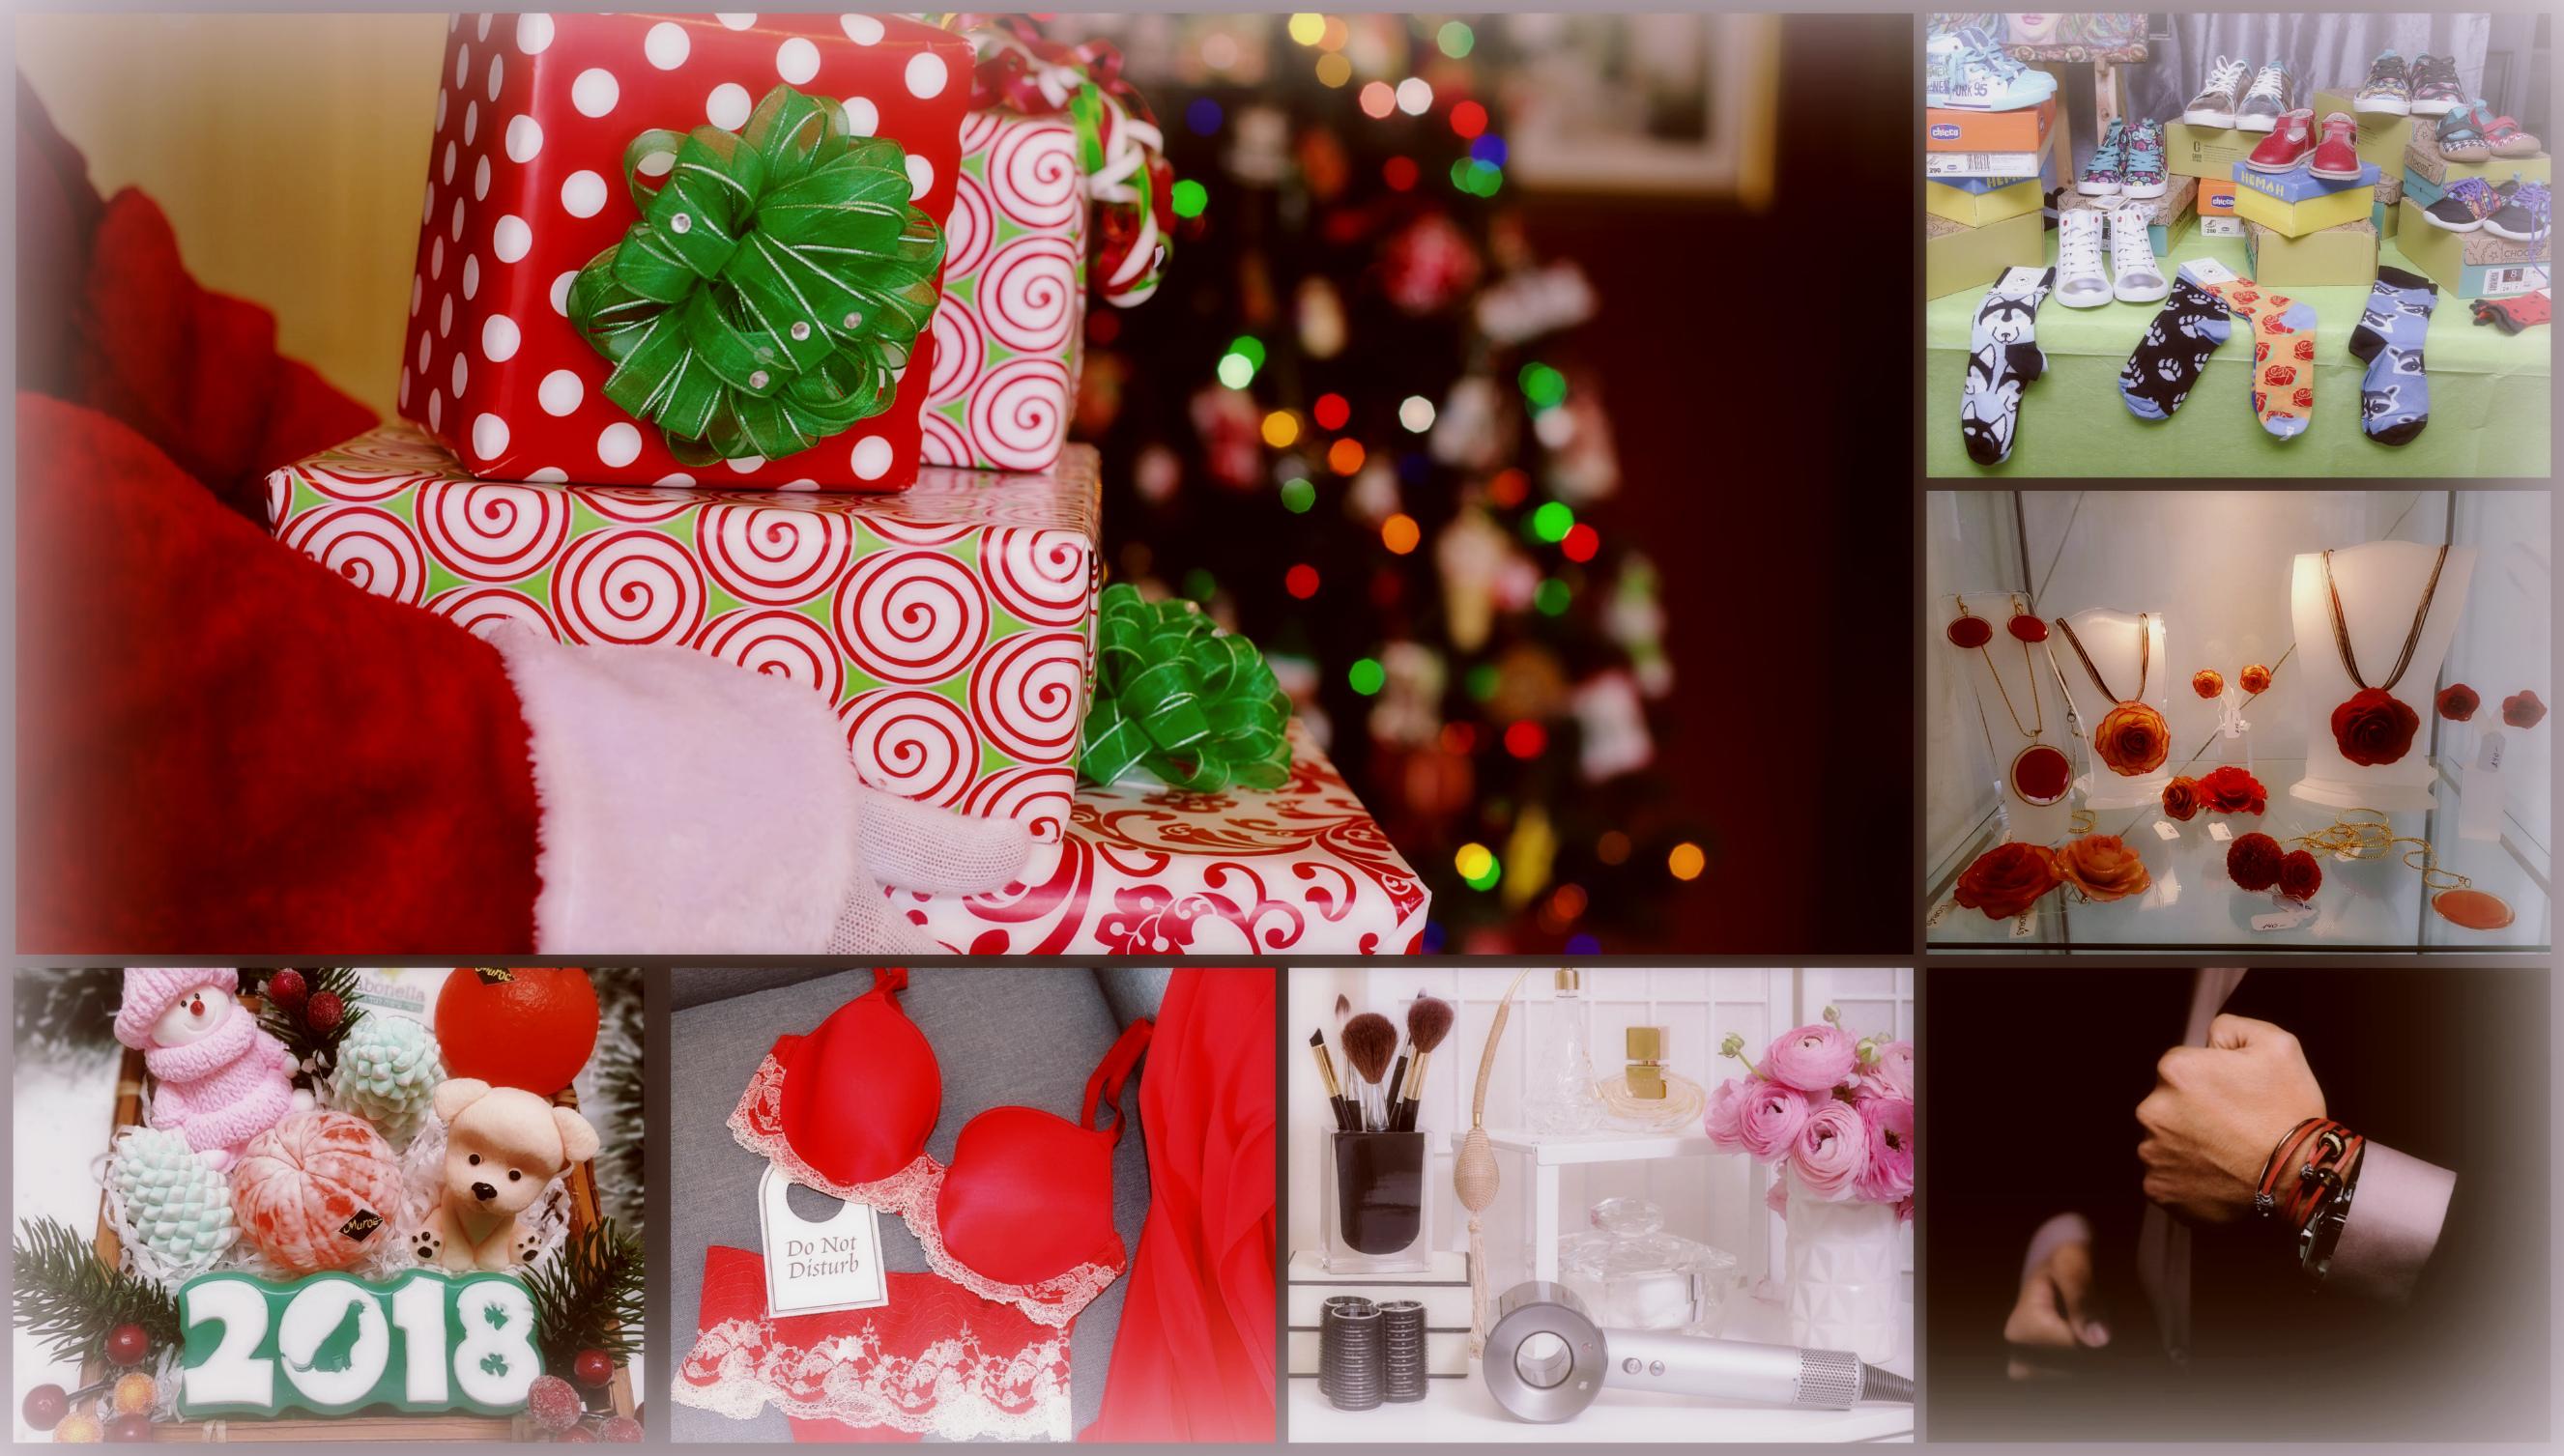 #Glamurрекомендует: 7 идей новогодних подарков